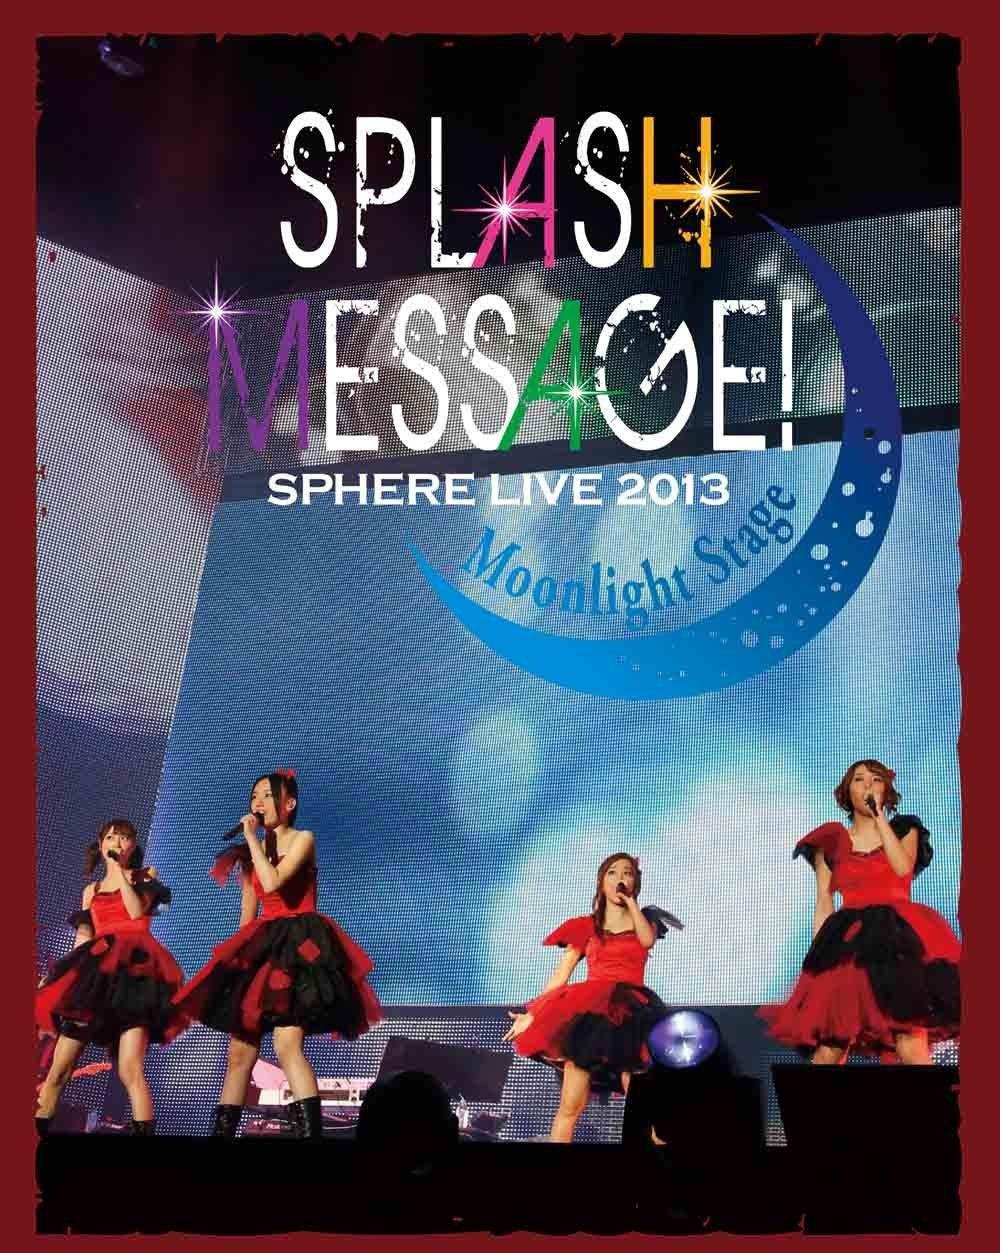 SPLASH MESSAGE!